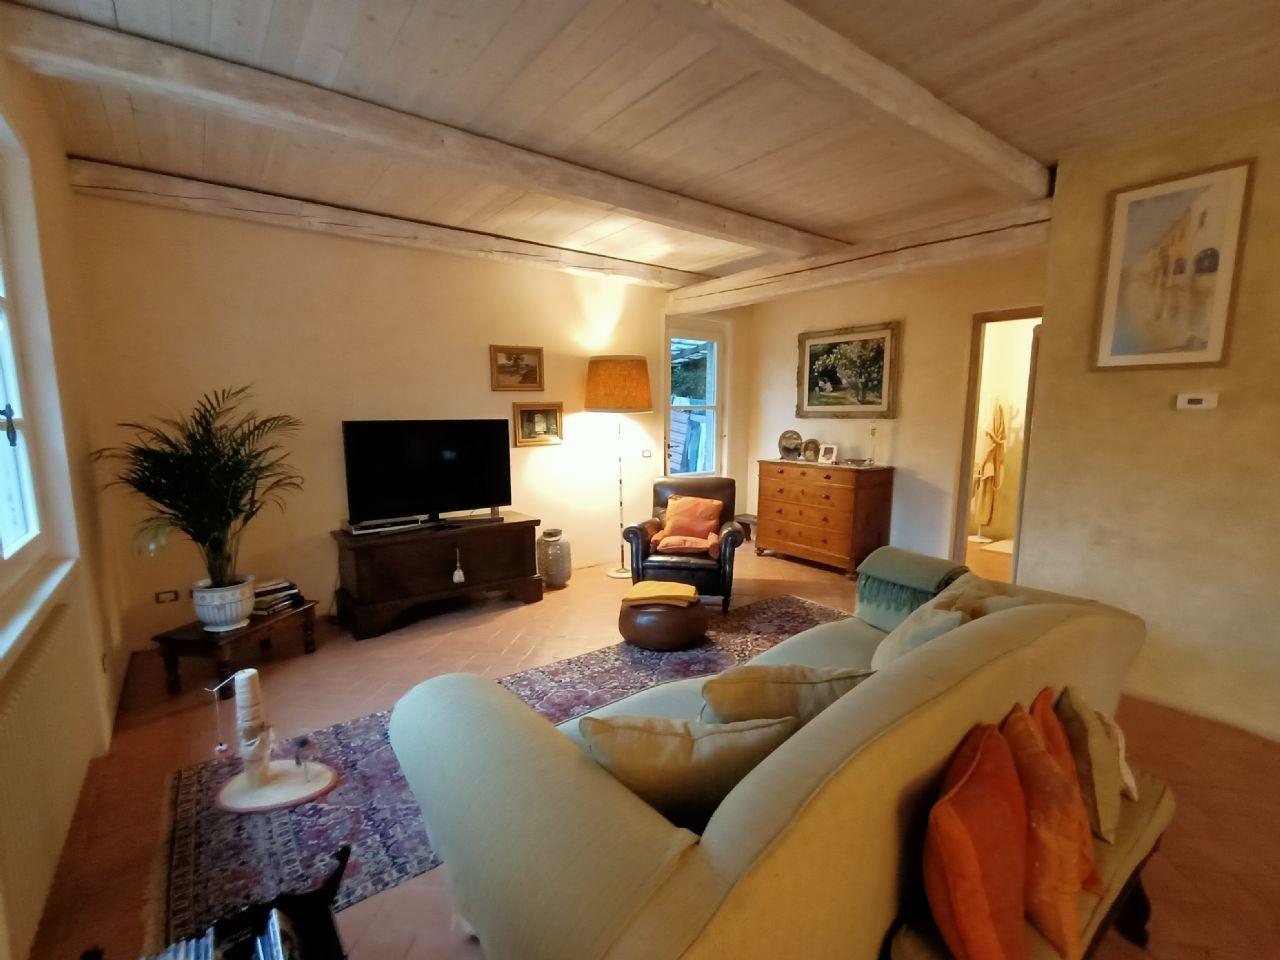 Einfamilienhaus in Ghiffa mit Garten- und Seeblick